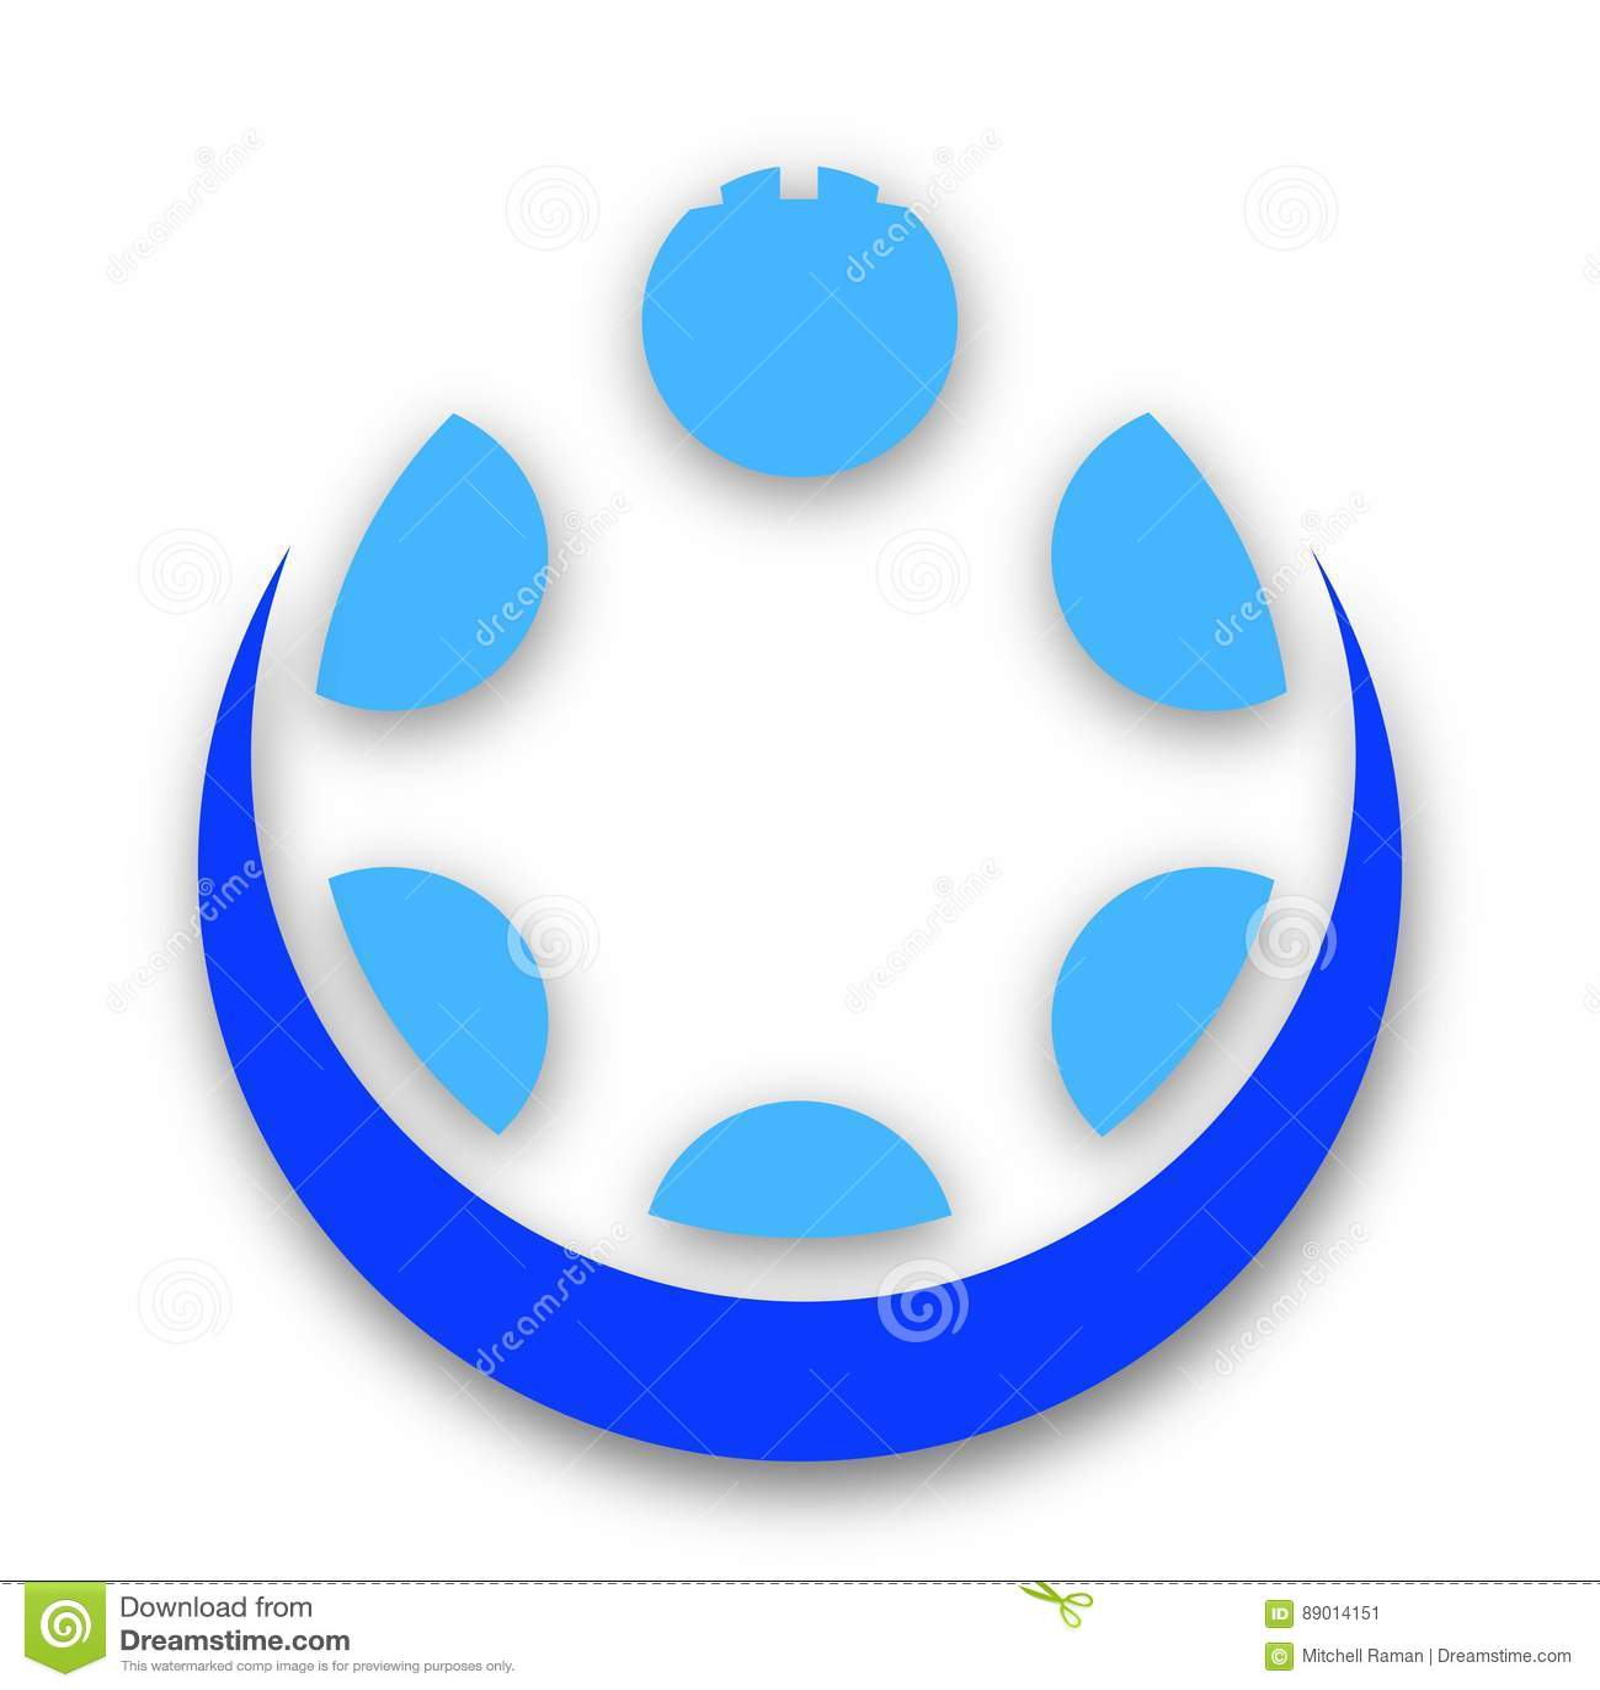 Seis círculos azuis em um conceito espiral da imagem de tipo do projeto